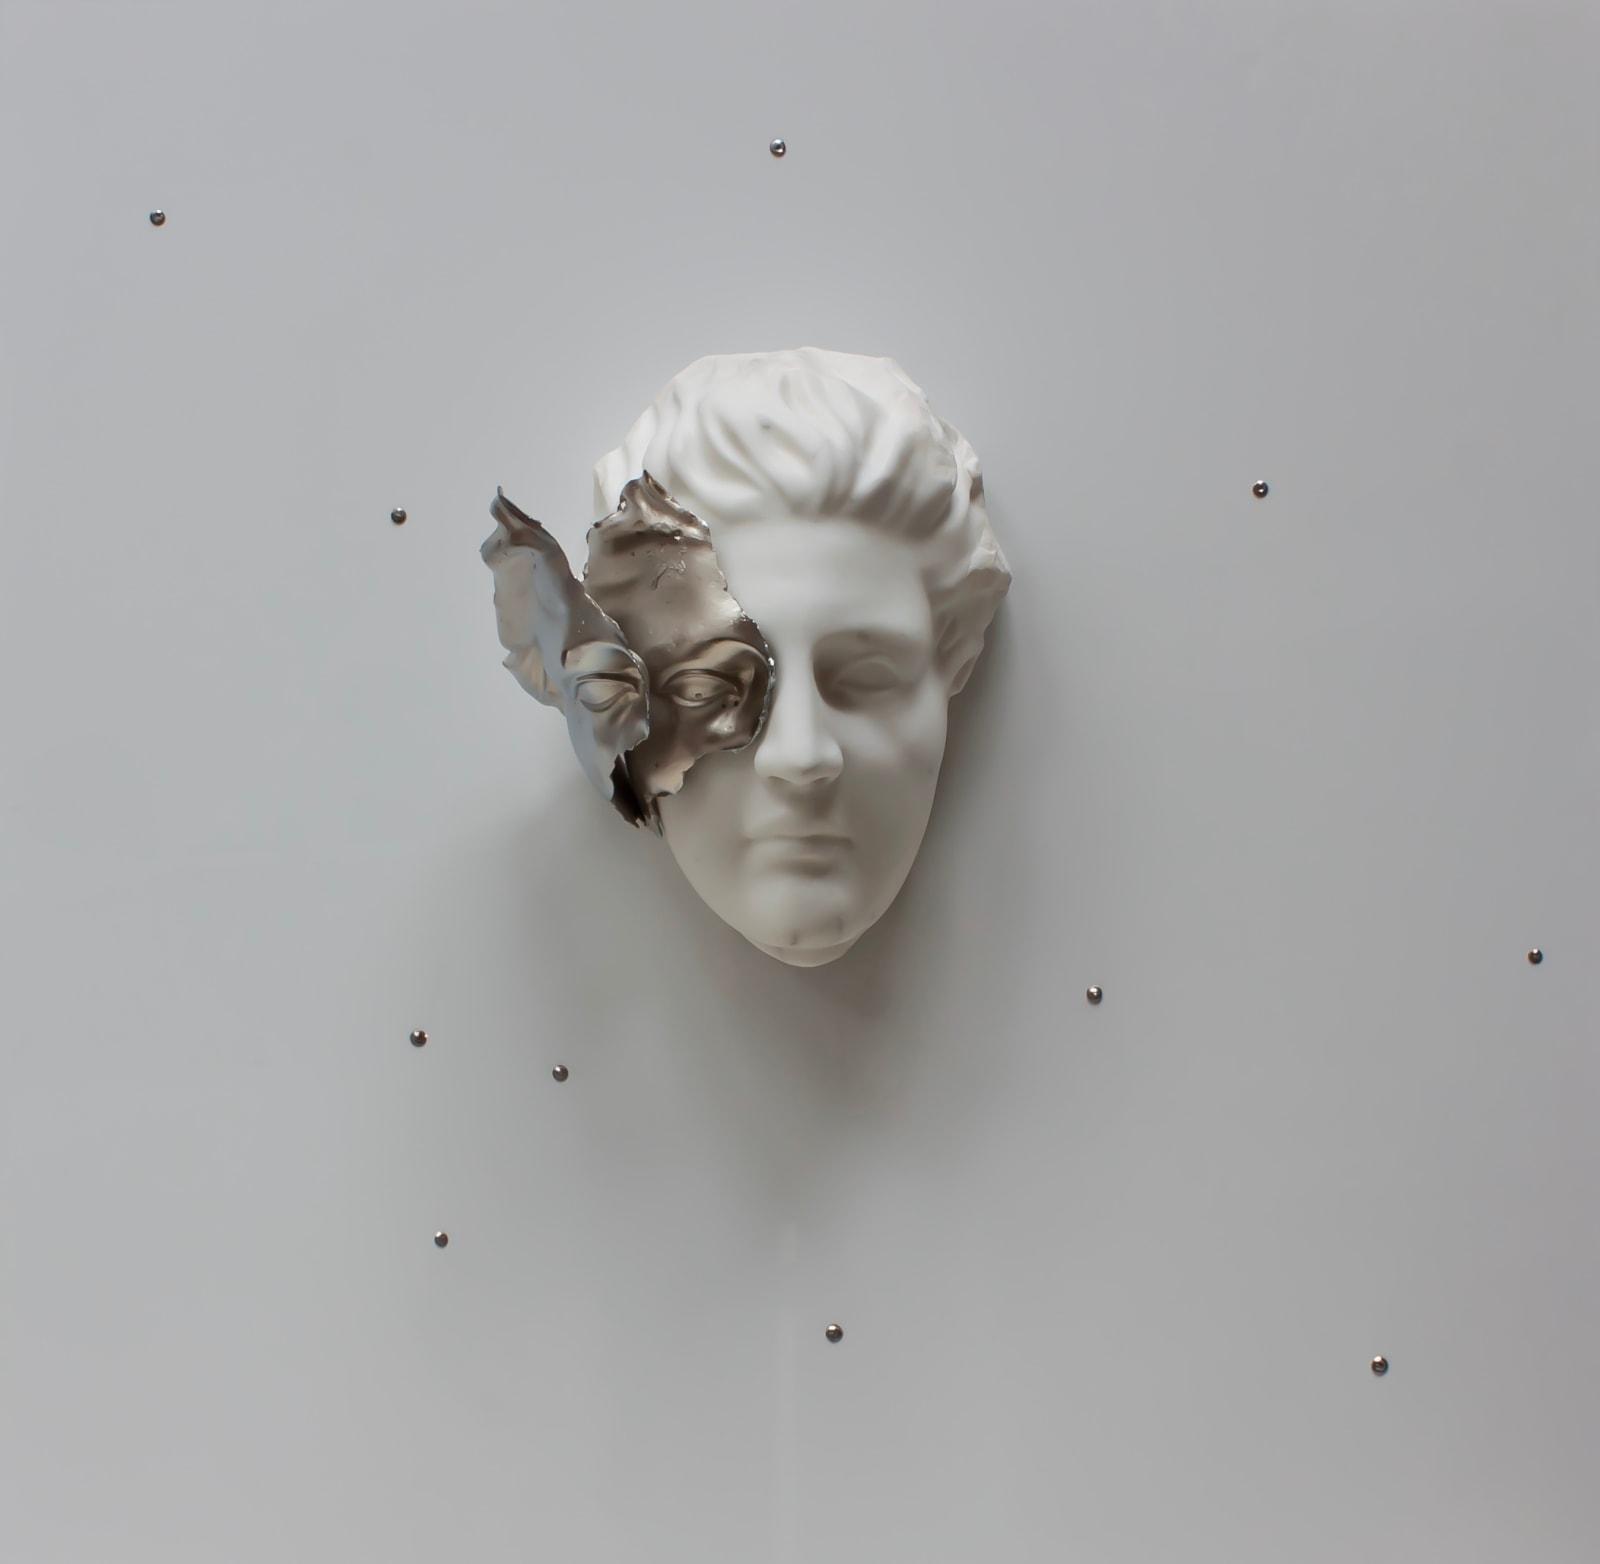 Michelangelo Galliani, Constellation, 2018